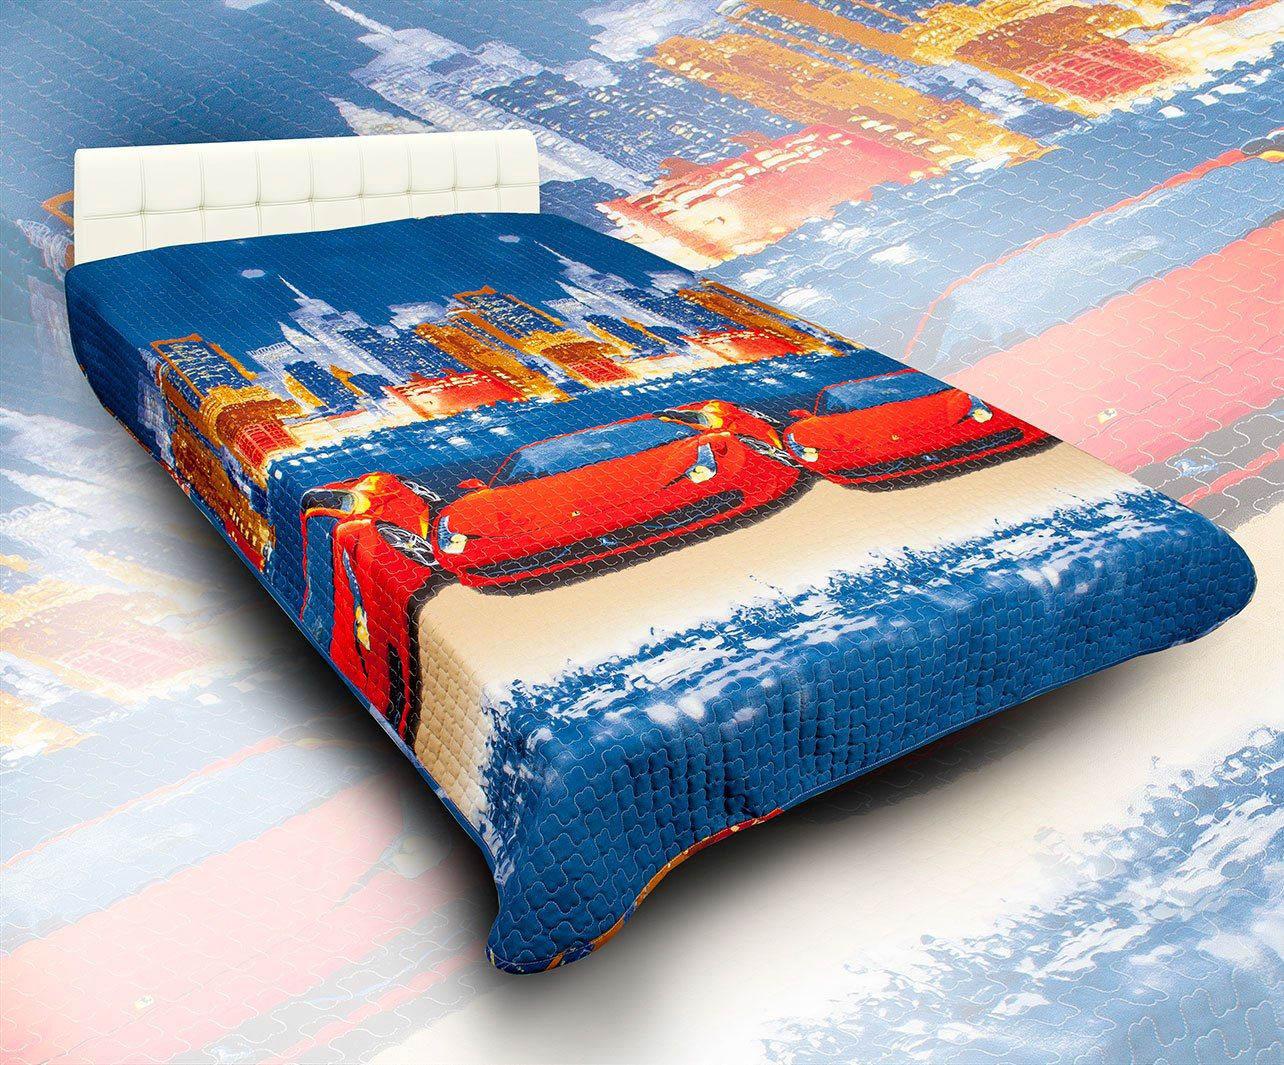 Детские покрывала, подушки, одеяла AlViTek Детское покрывало Лидер (150х215 см) покрывало рафаэль поплин 150х215